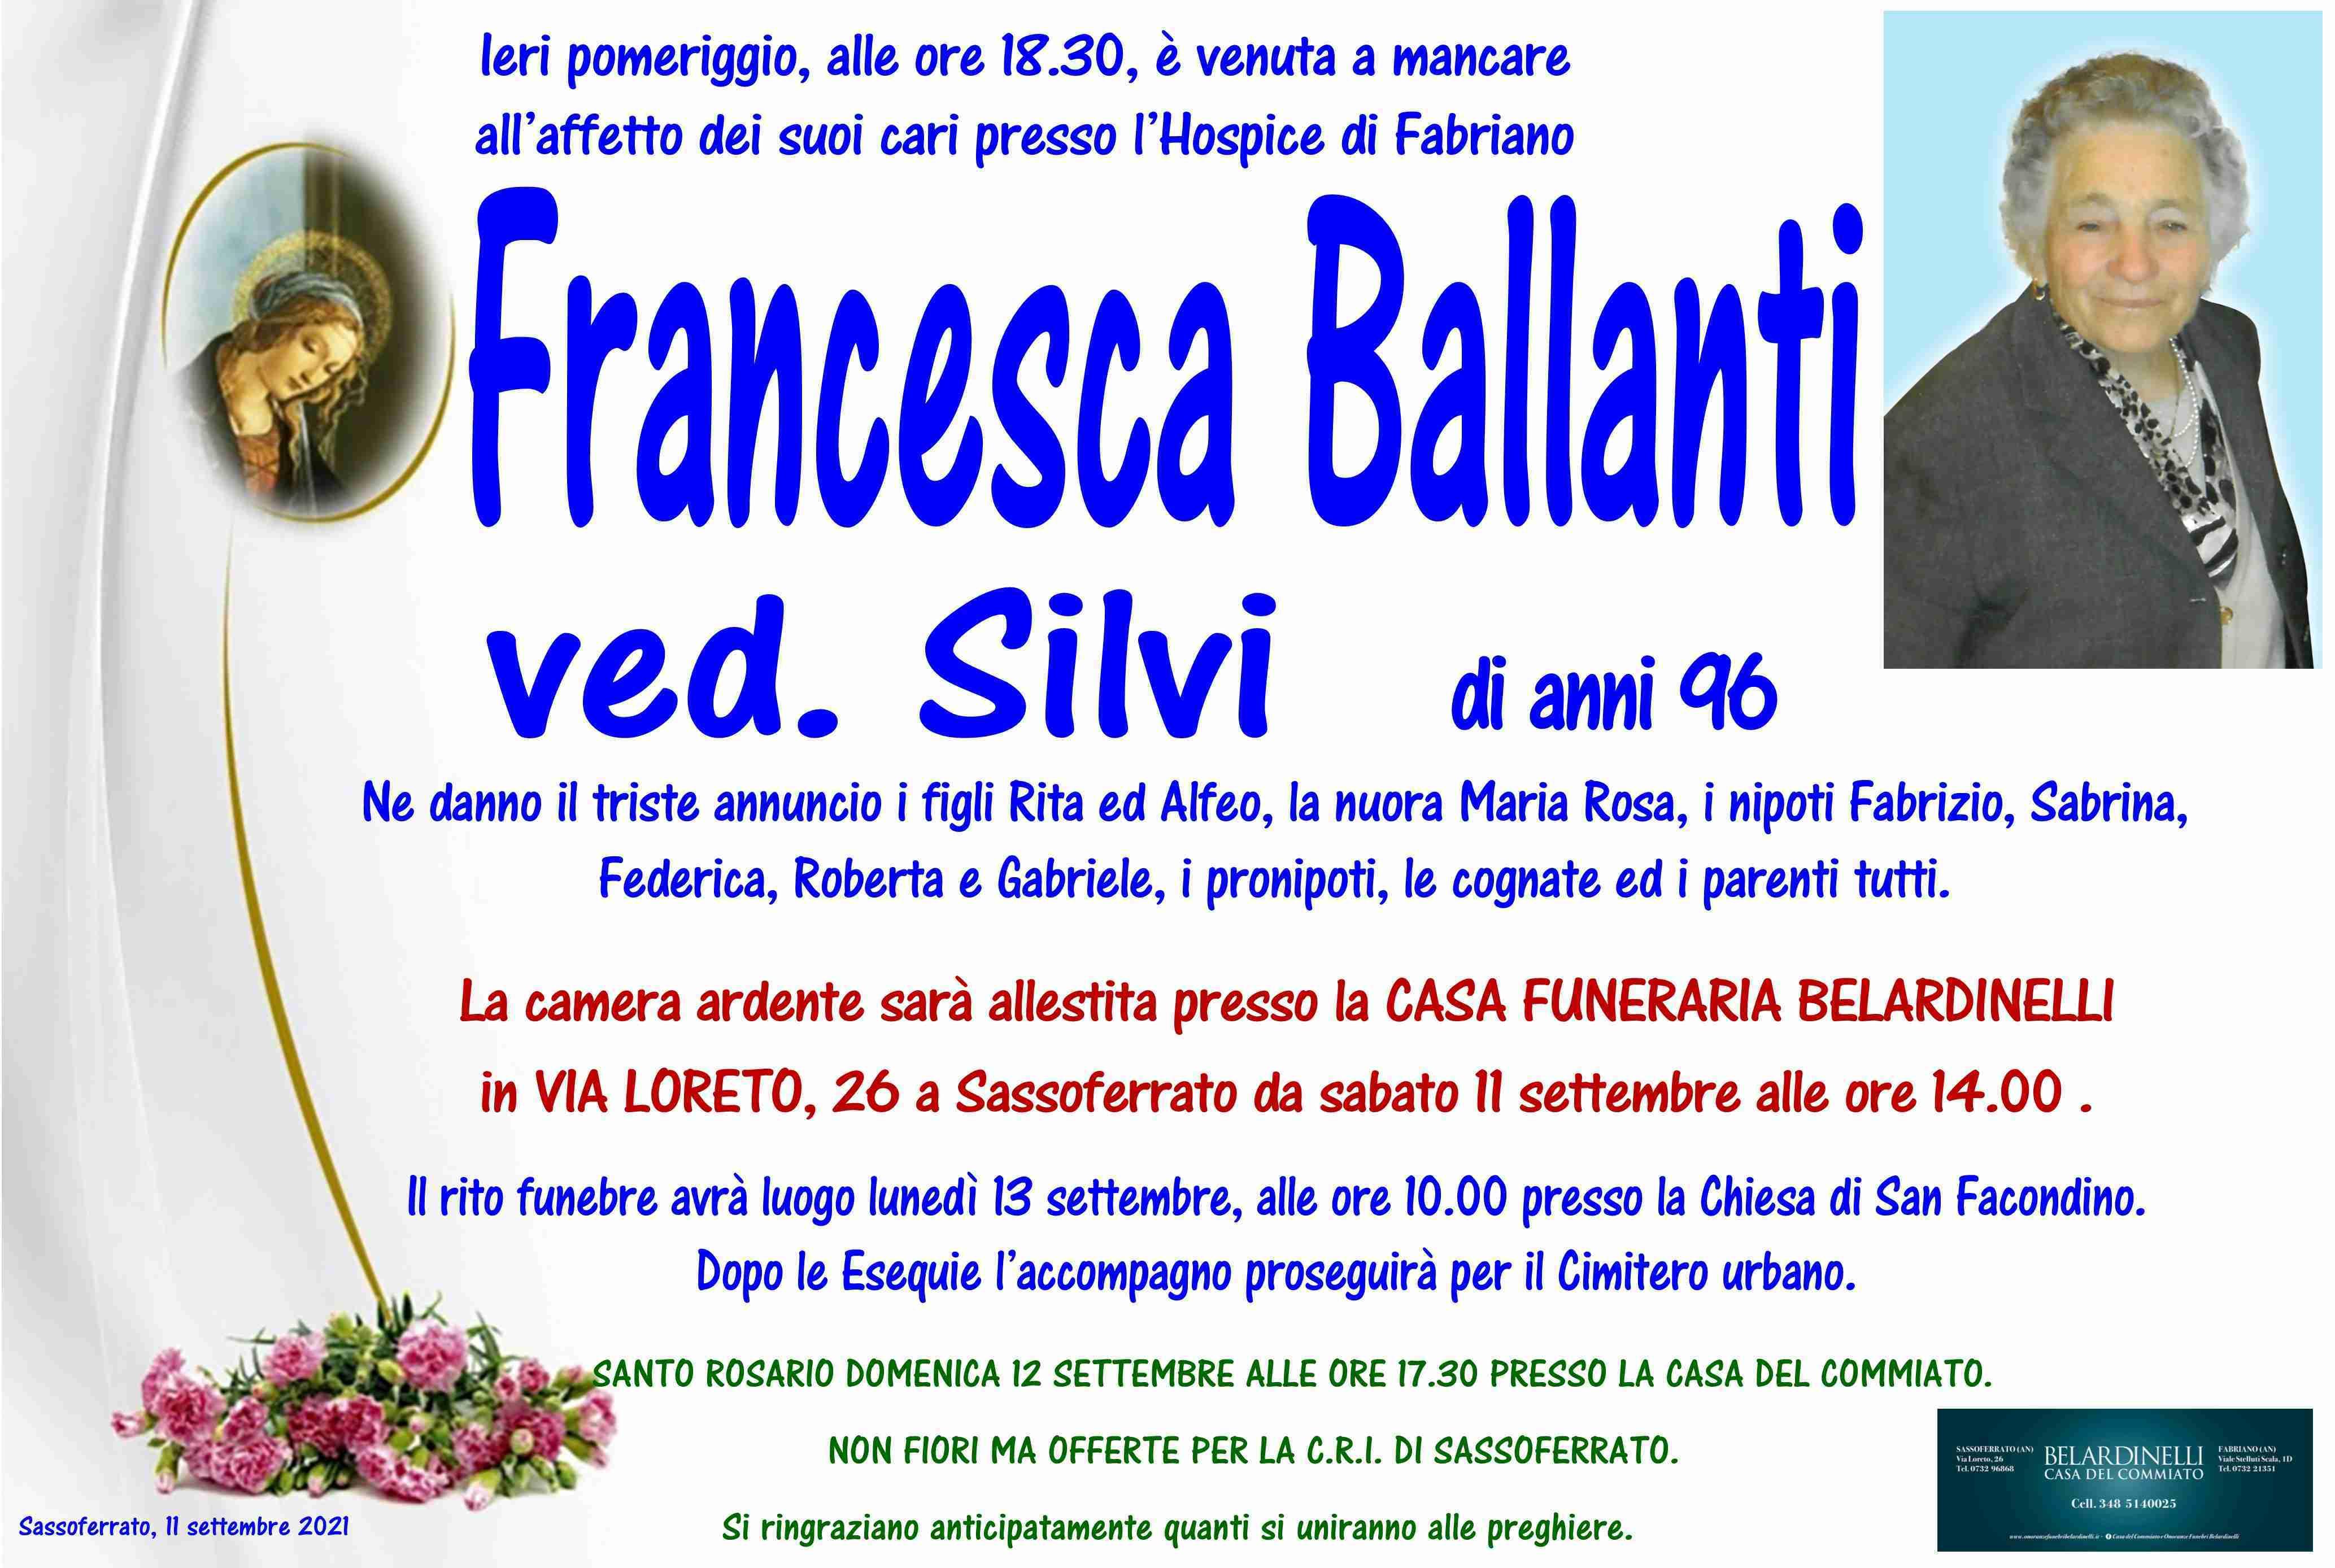 Francesca Ballanti